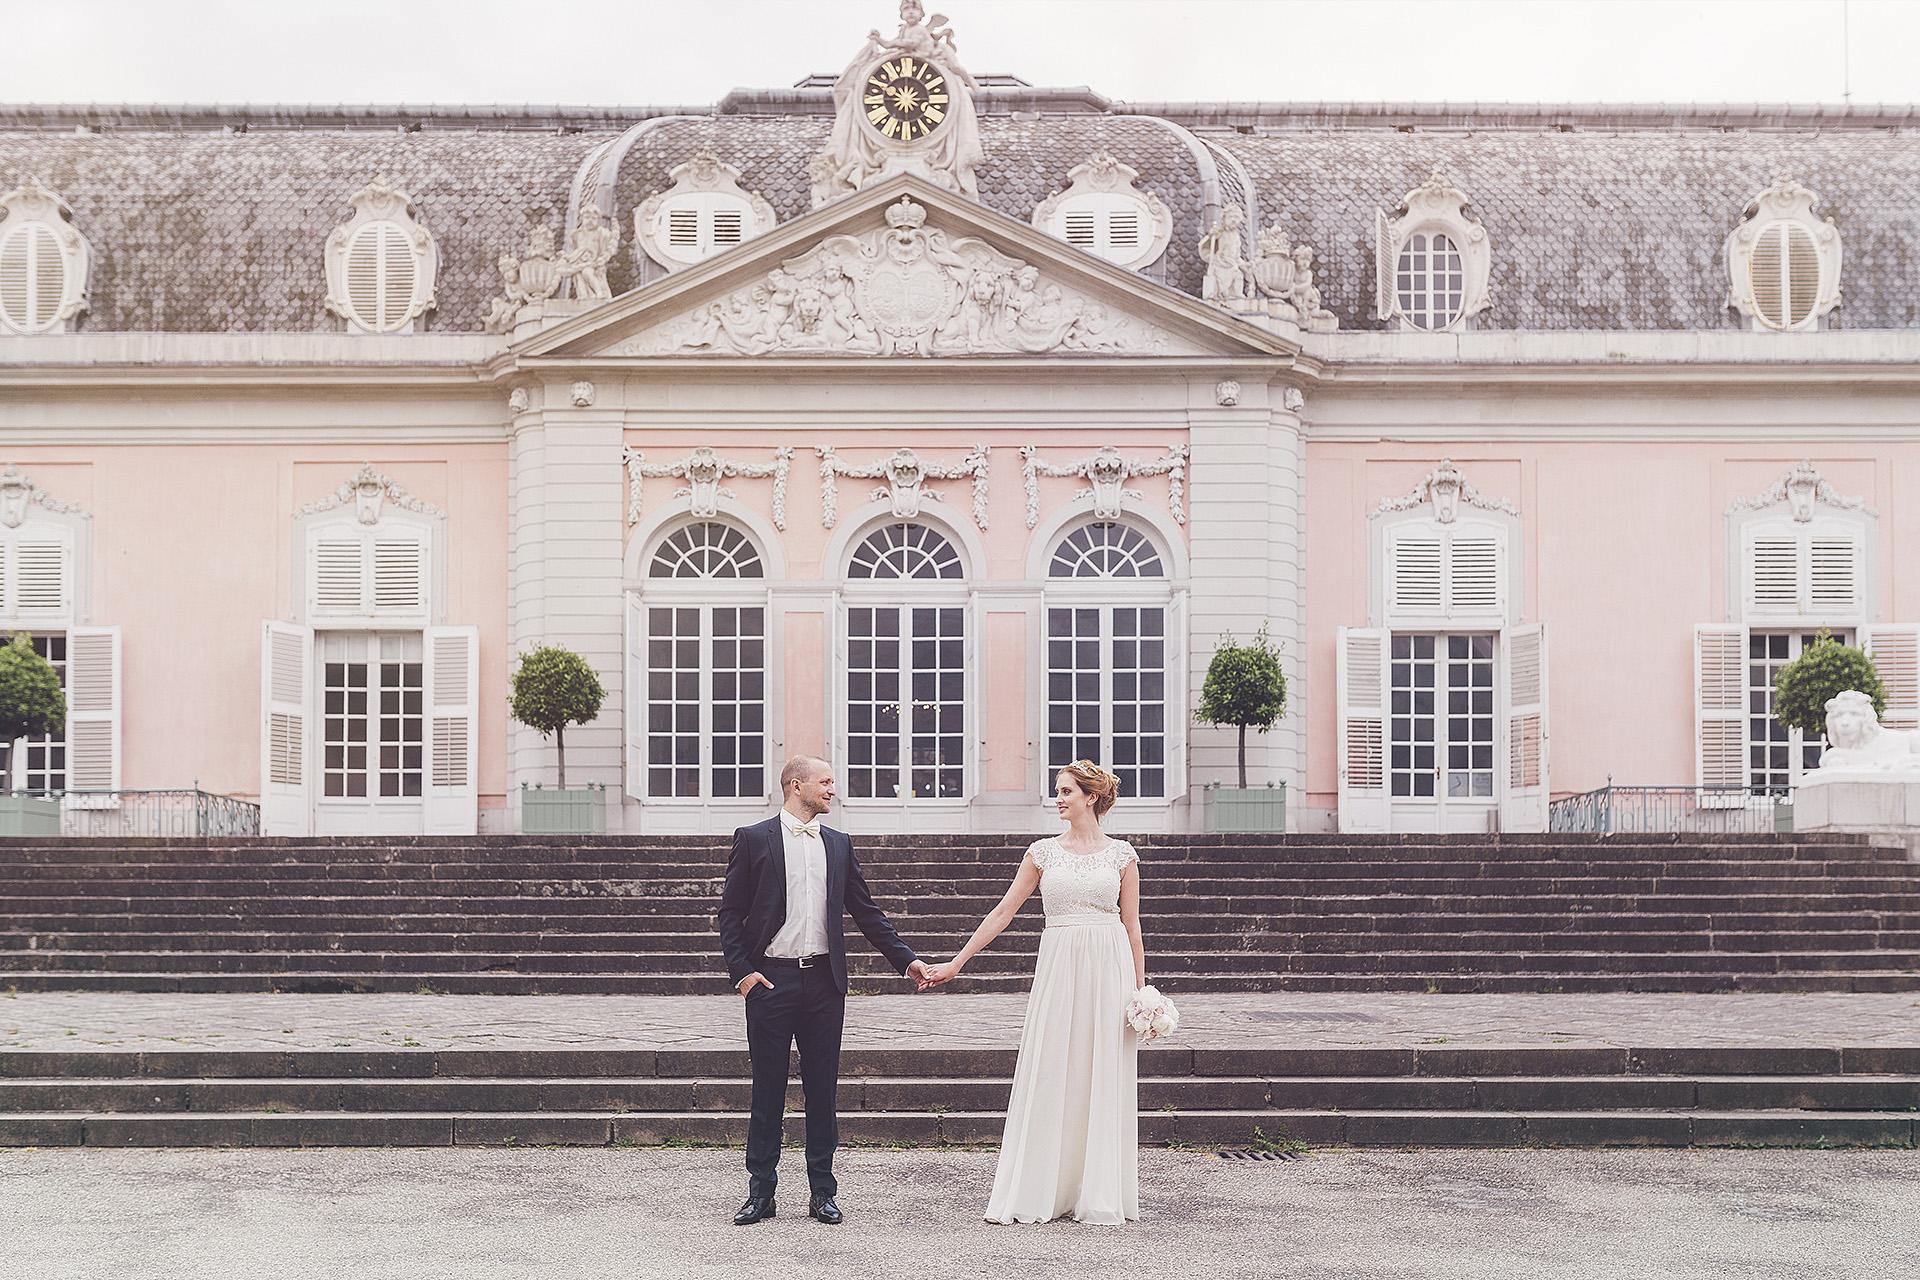 Anna & Tomas Hochzeitsfilm| Hochzeitsfotograf Schloss Benrath | Steigenberger Hotel Düsseldorf